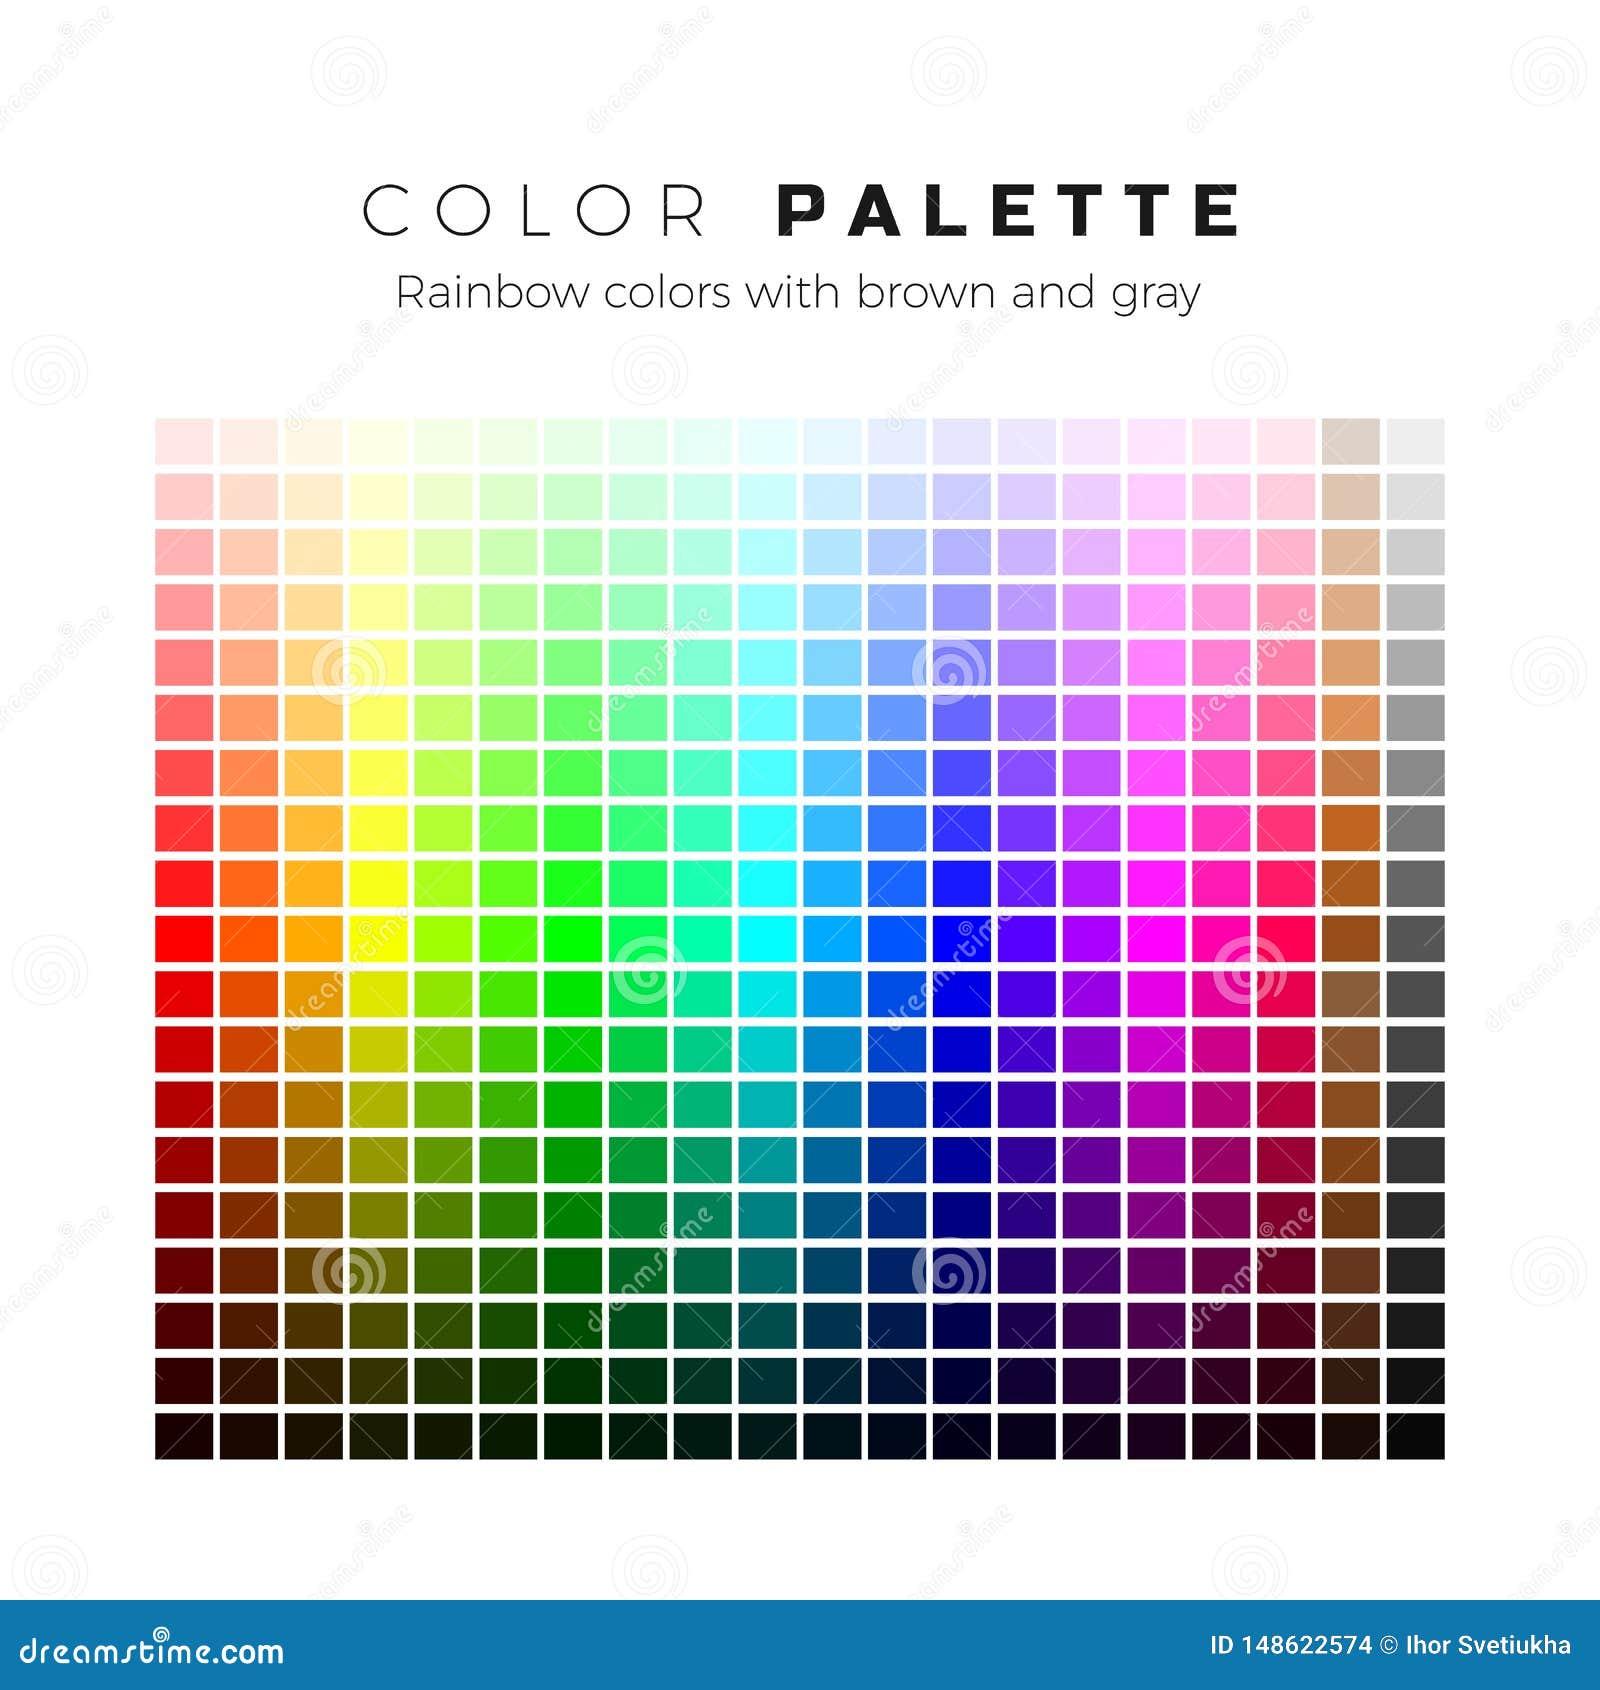 Kolorowa paleta Set jaskrawi kolory t?czy paleta Pe?ny widmo kolory z br?zu i szaro?? cieniami r?wnie? zwr?ci? corel ilustracji w